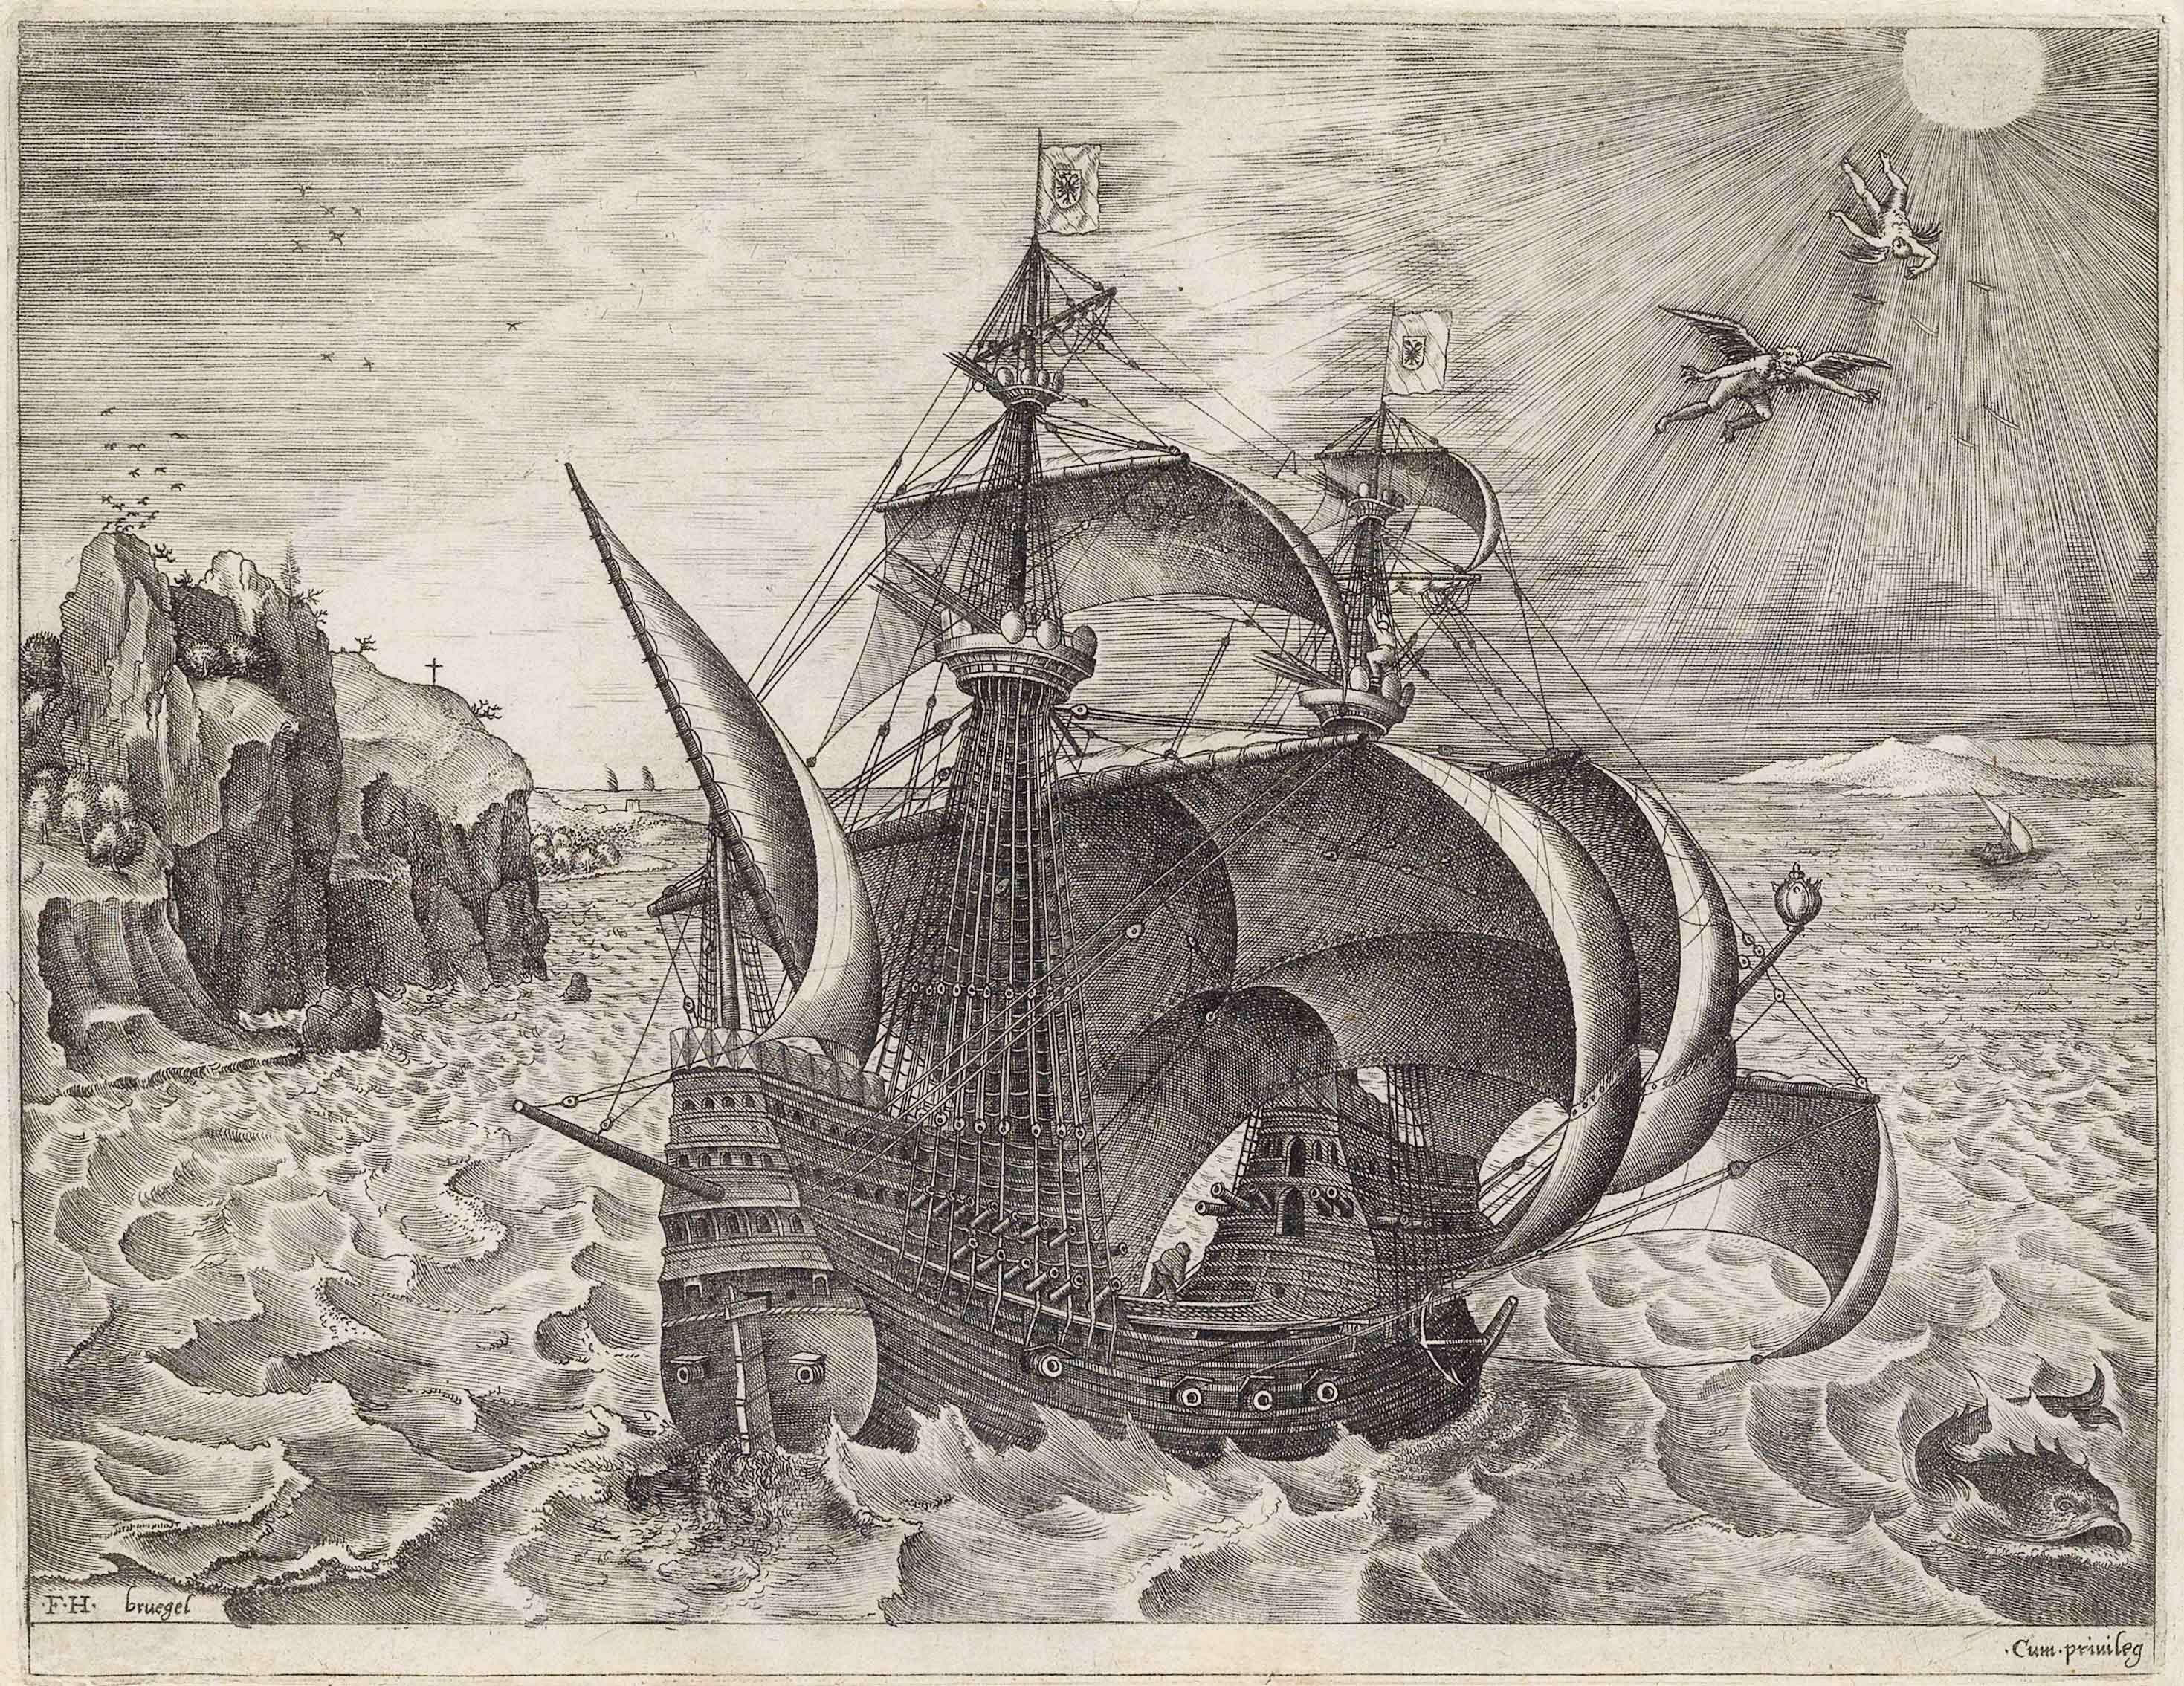 ピーテル・ブリューゲル1世(下絵)フランス・ハイス(彫版) 《イカロスの墜落の状景を伴う3本マストの武装帆船》1561-1562年頃 Private Collection